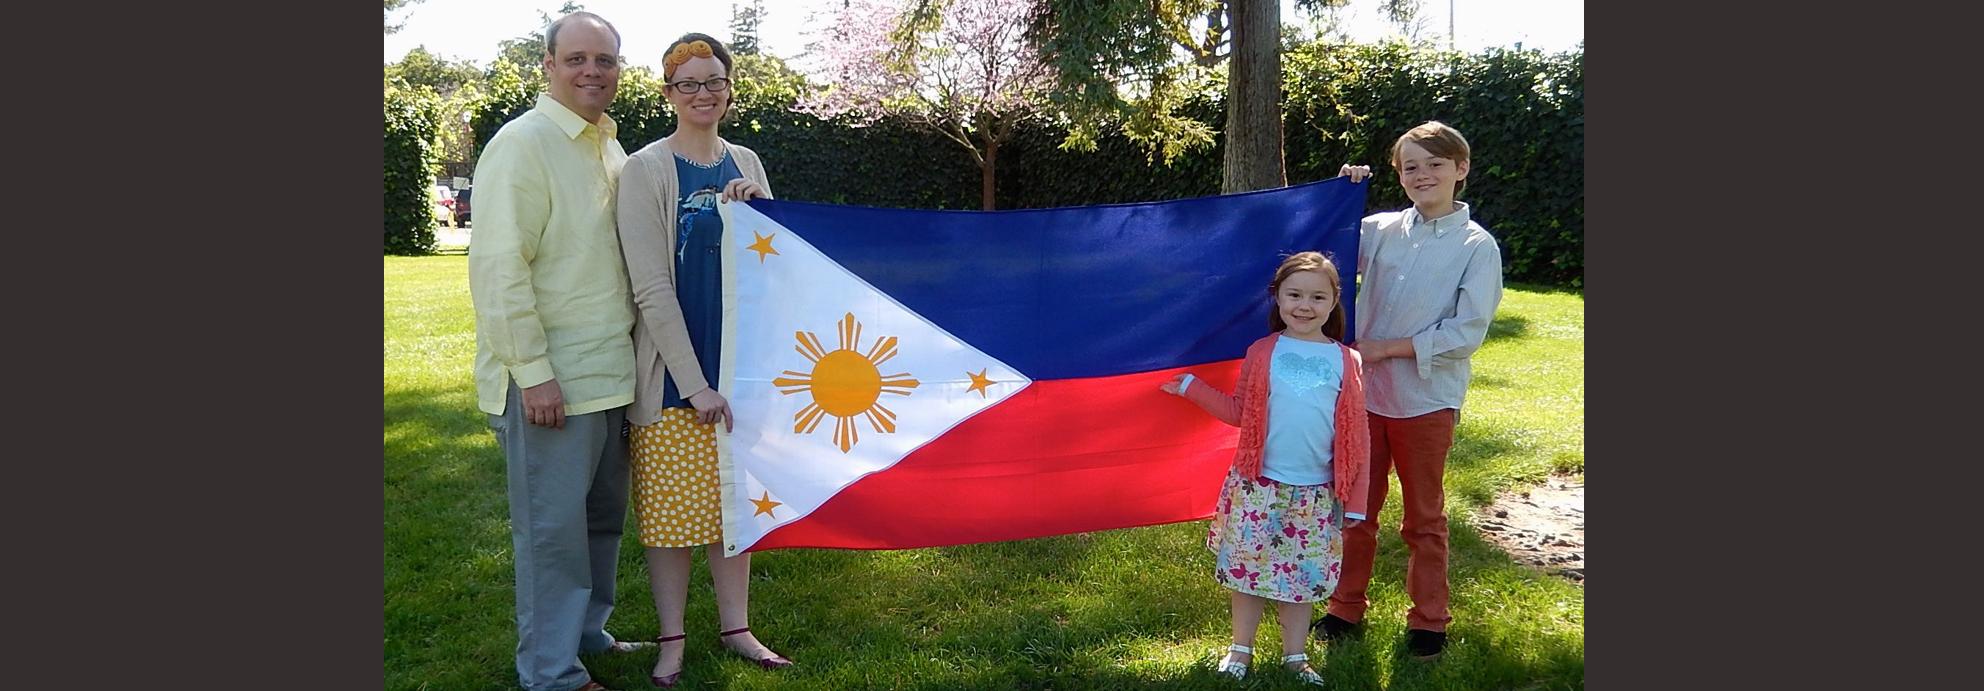 slider-family-flag